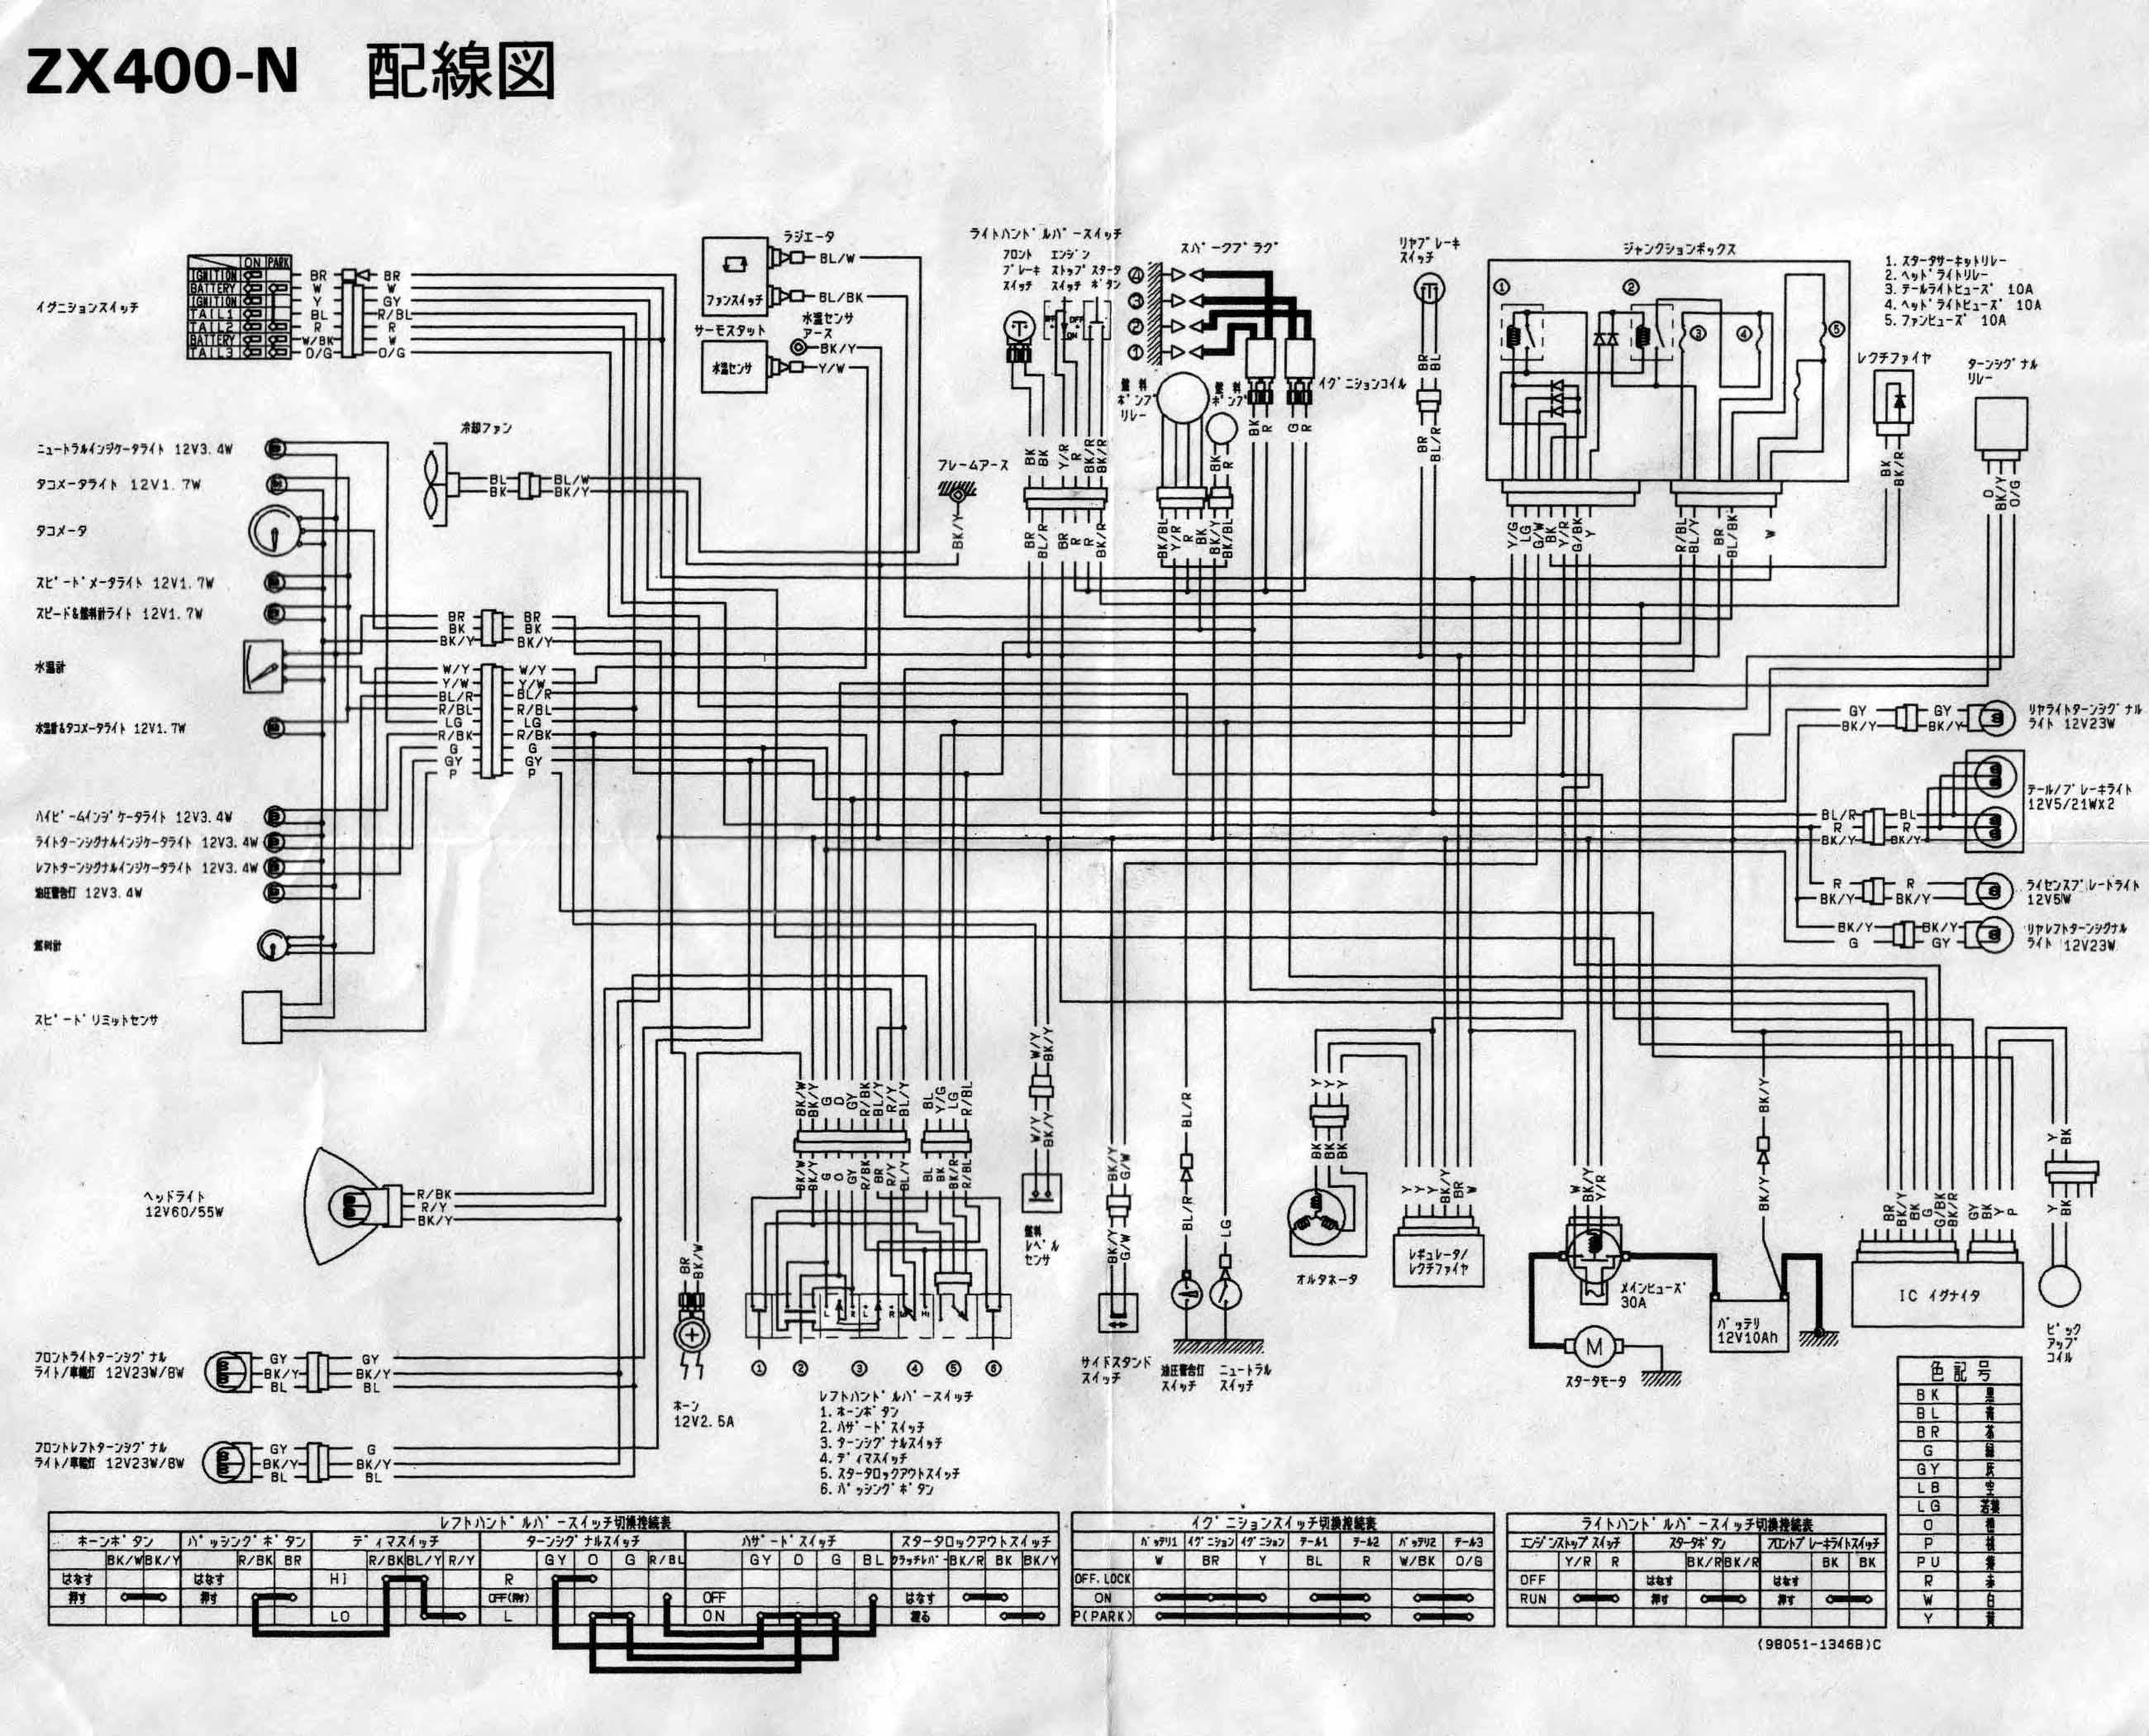 KAWASAKI - Motorcycles Manual PDF, Wiring Diagram & Fault Codes | Kawasaki Zg1000 Wiring Diagram |  | MOTORCYCLE Manuals PDF & Wiring Diagrams